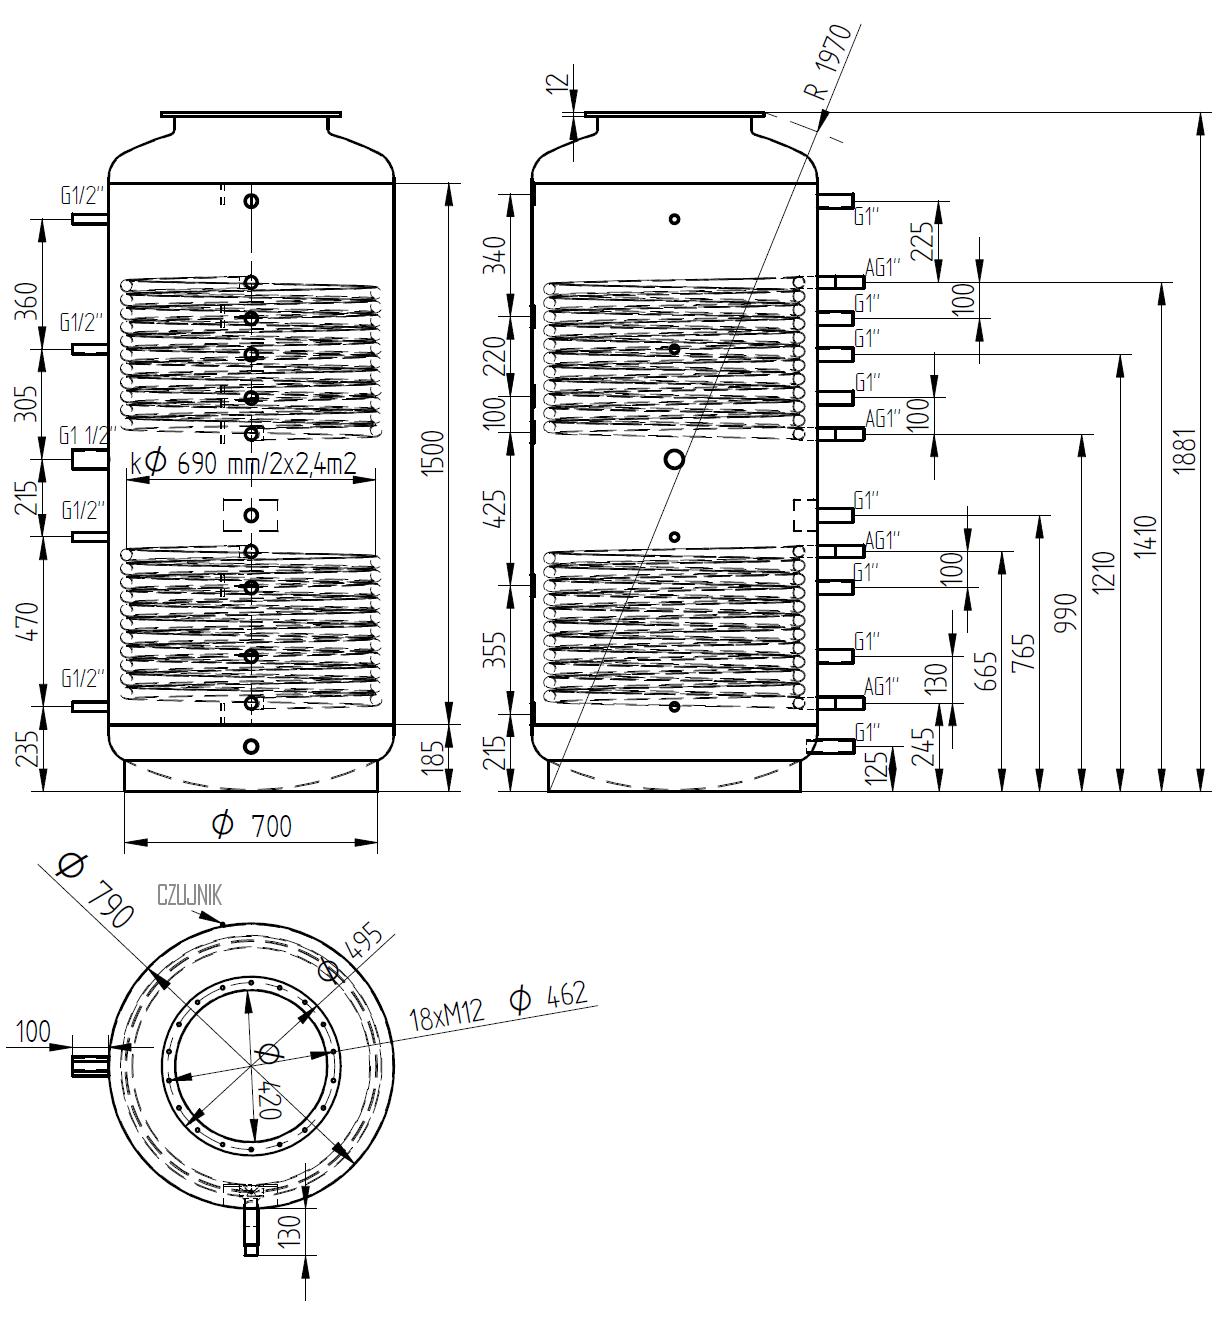 zbiornik buforowy kombinowany 800l z dwoma wymiennikami